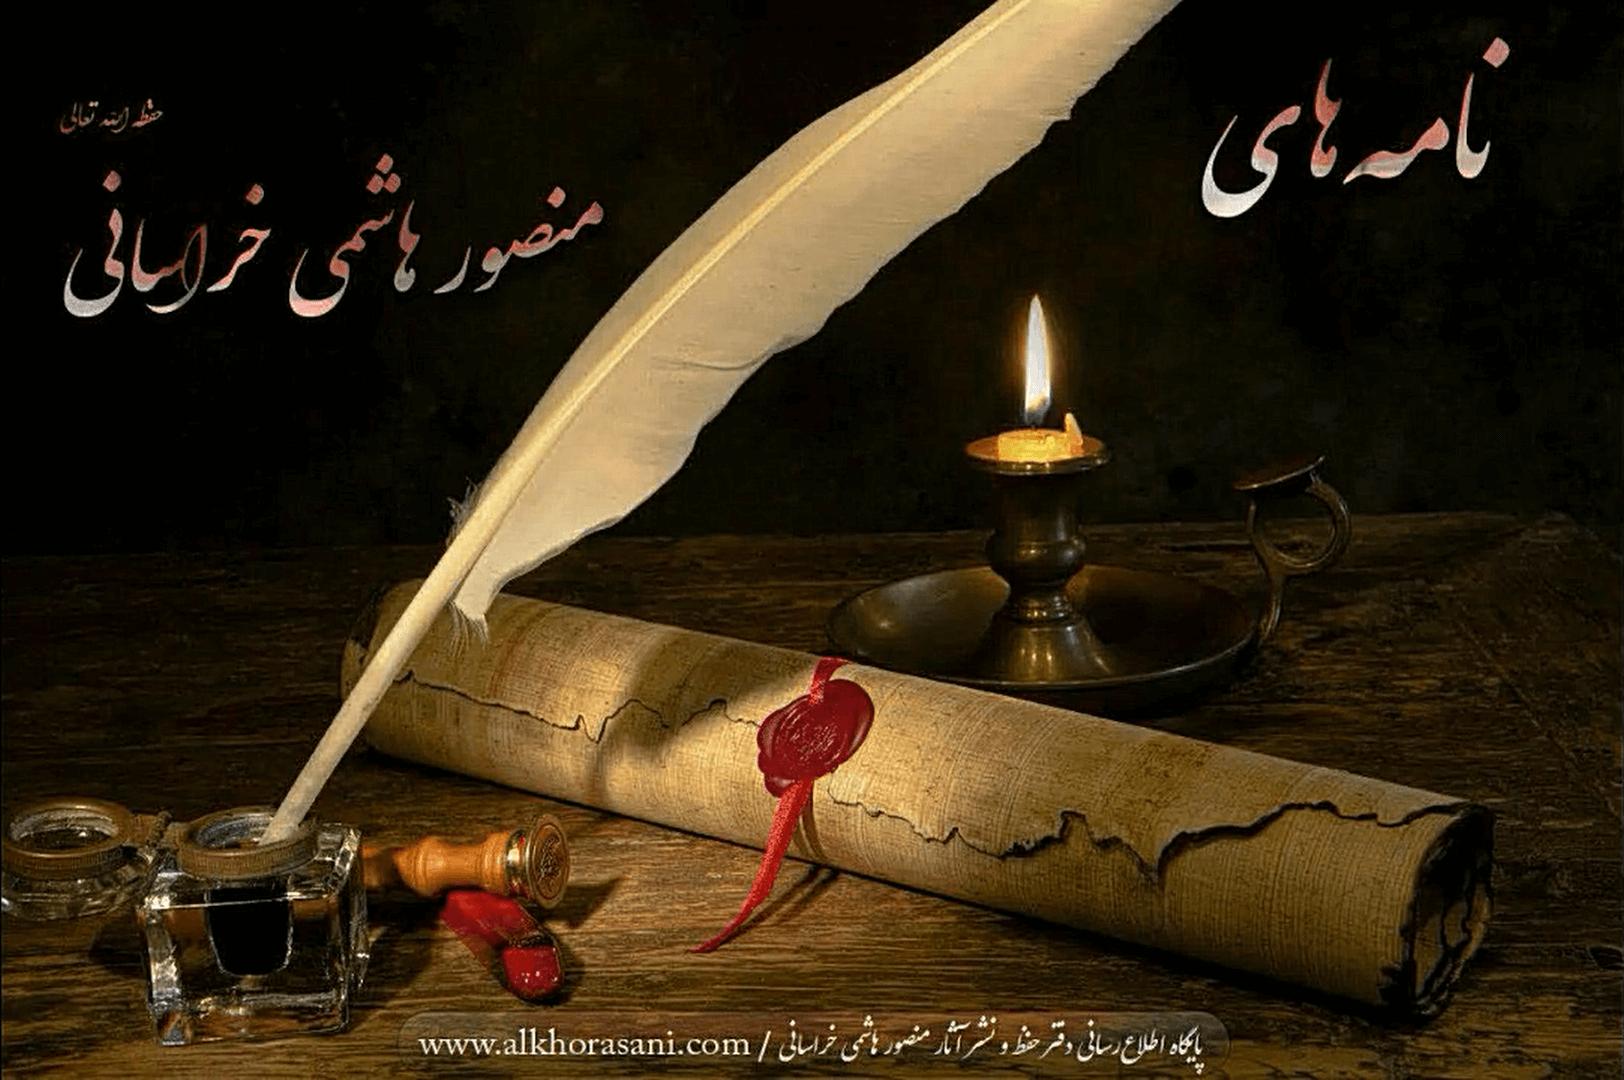 نامهی نهم از نامههای جناب منصور هاشمی خراسانی